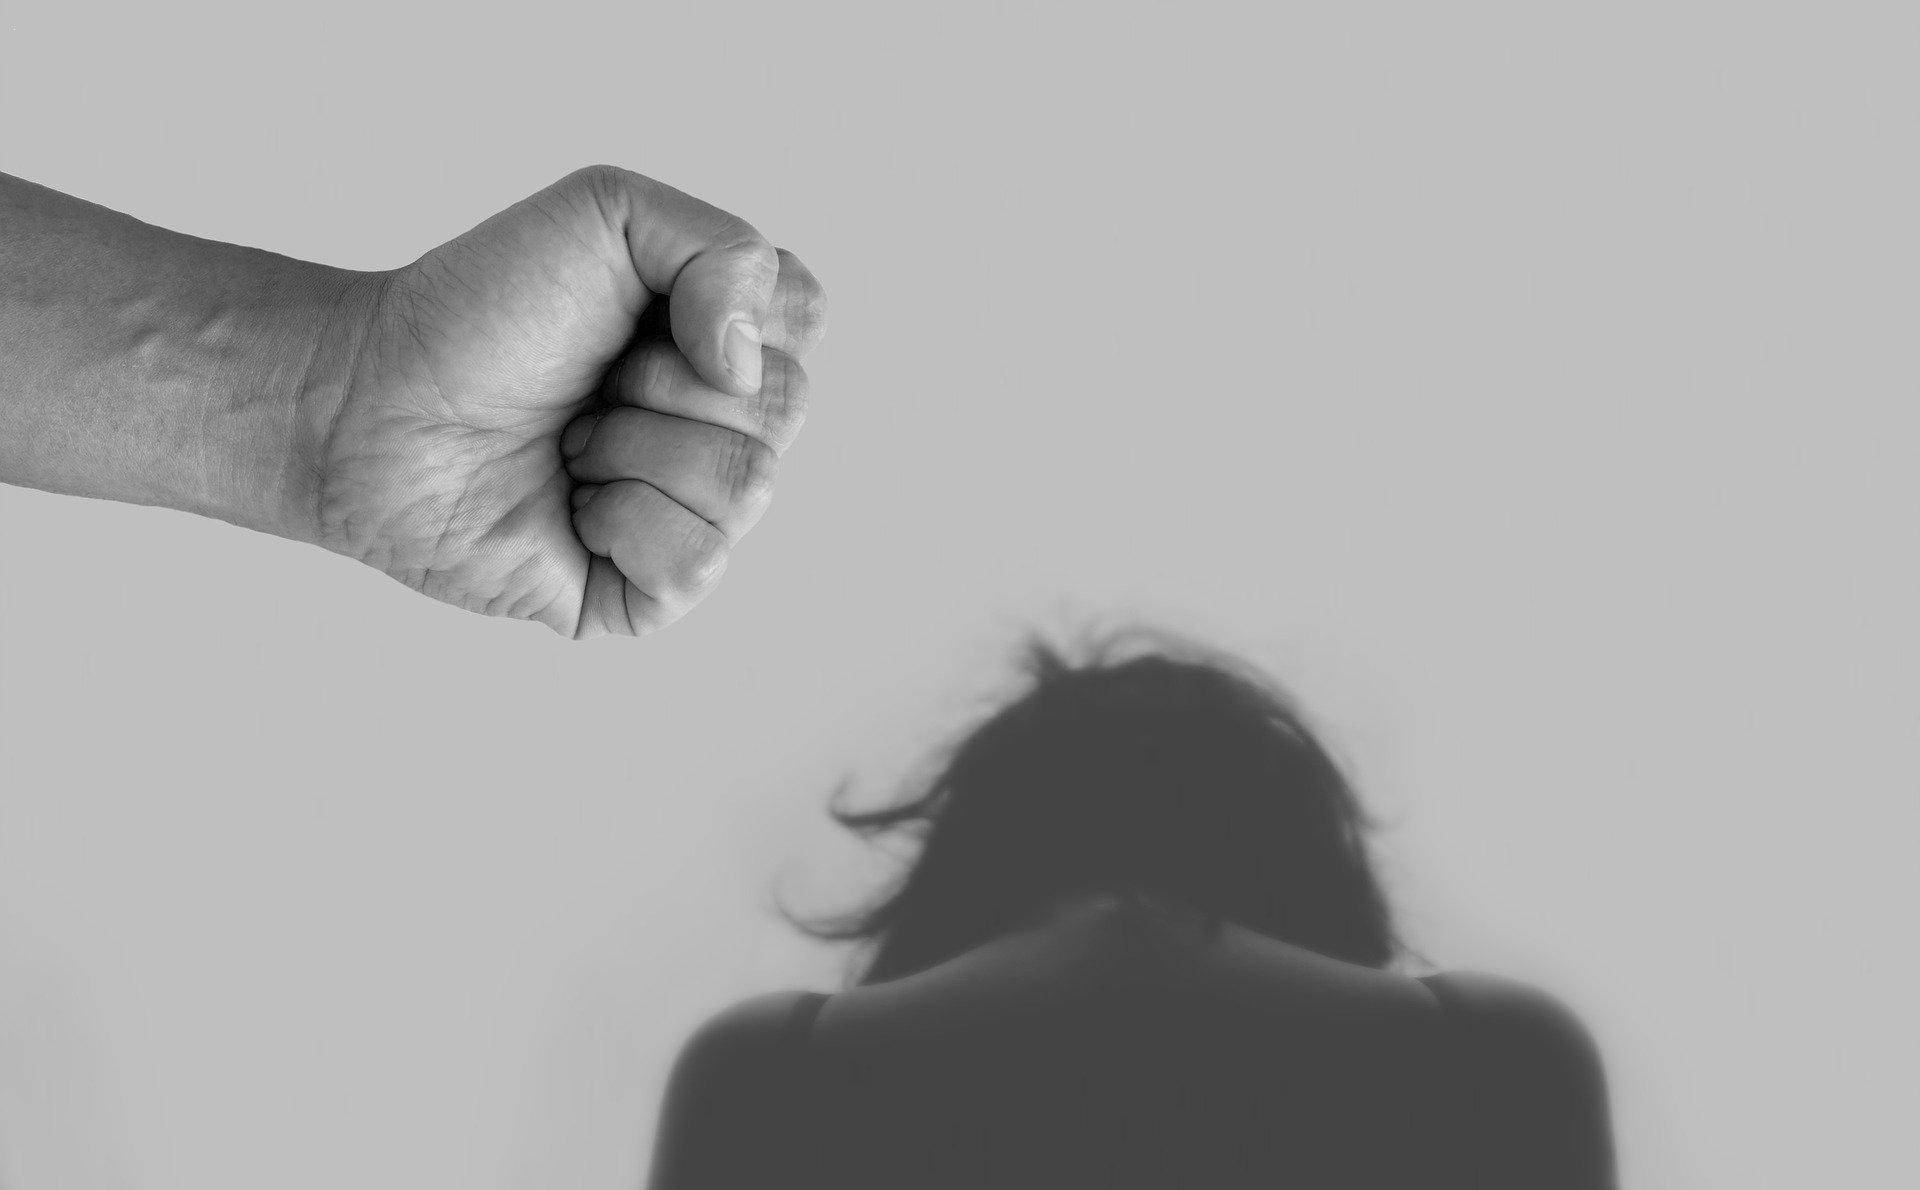 Violences conjugales en médecine générale – Ressources et contact pour l'aide aux victimes